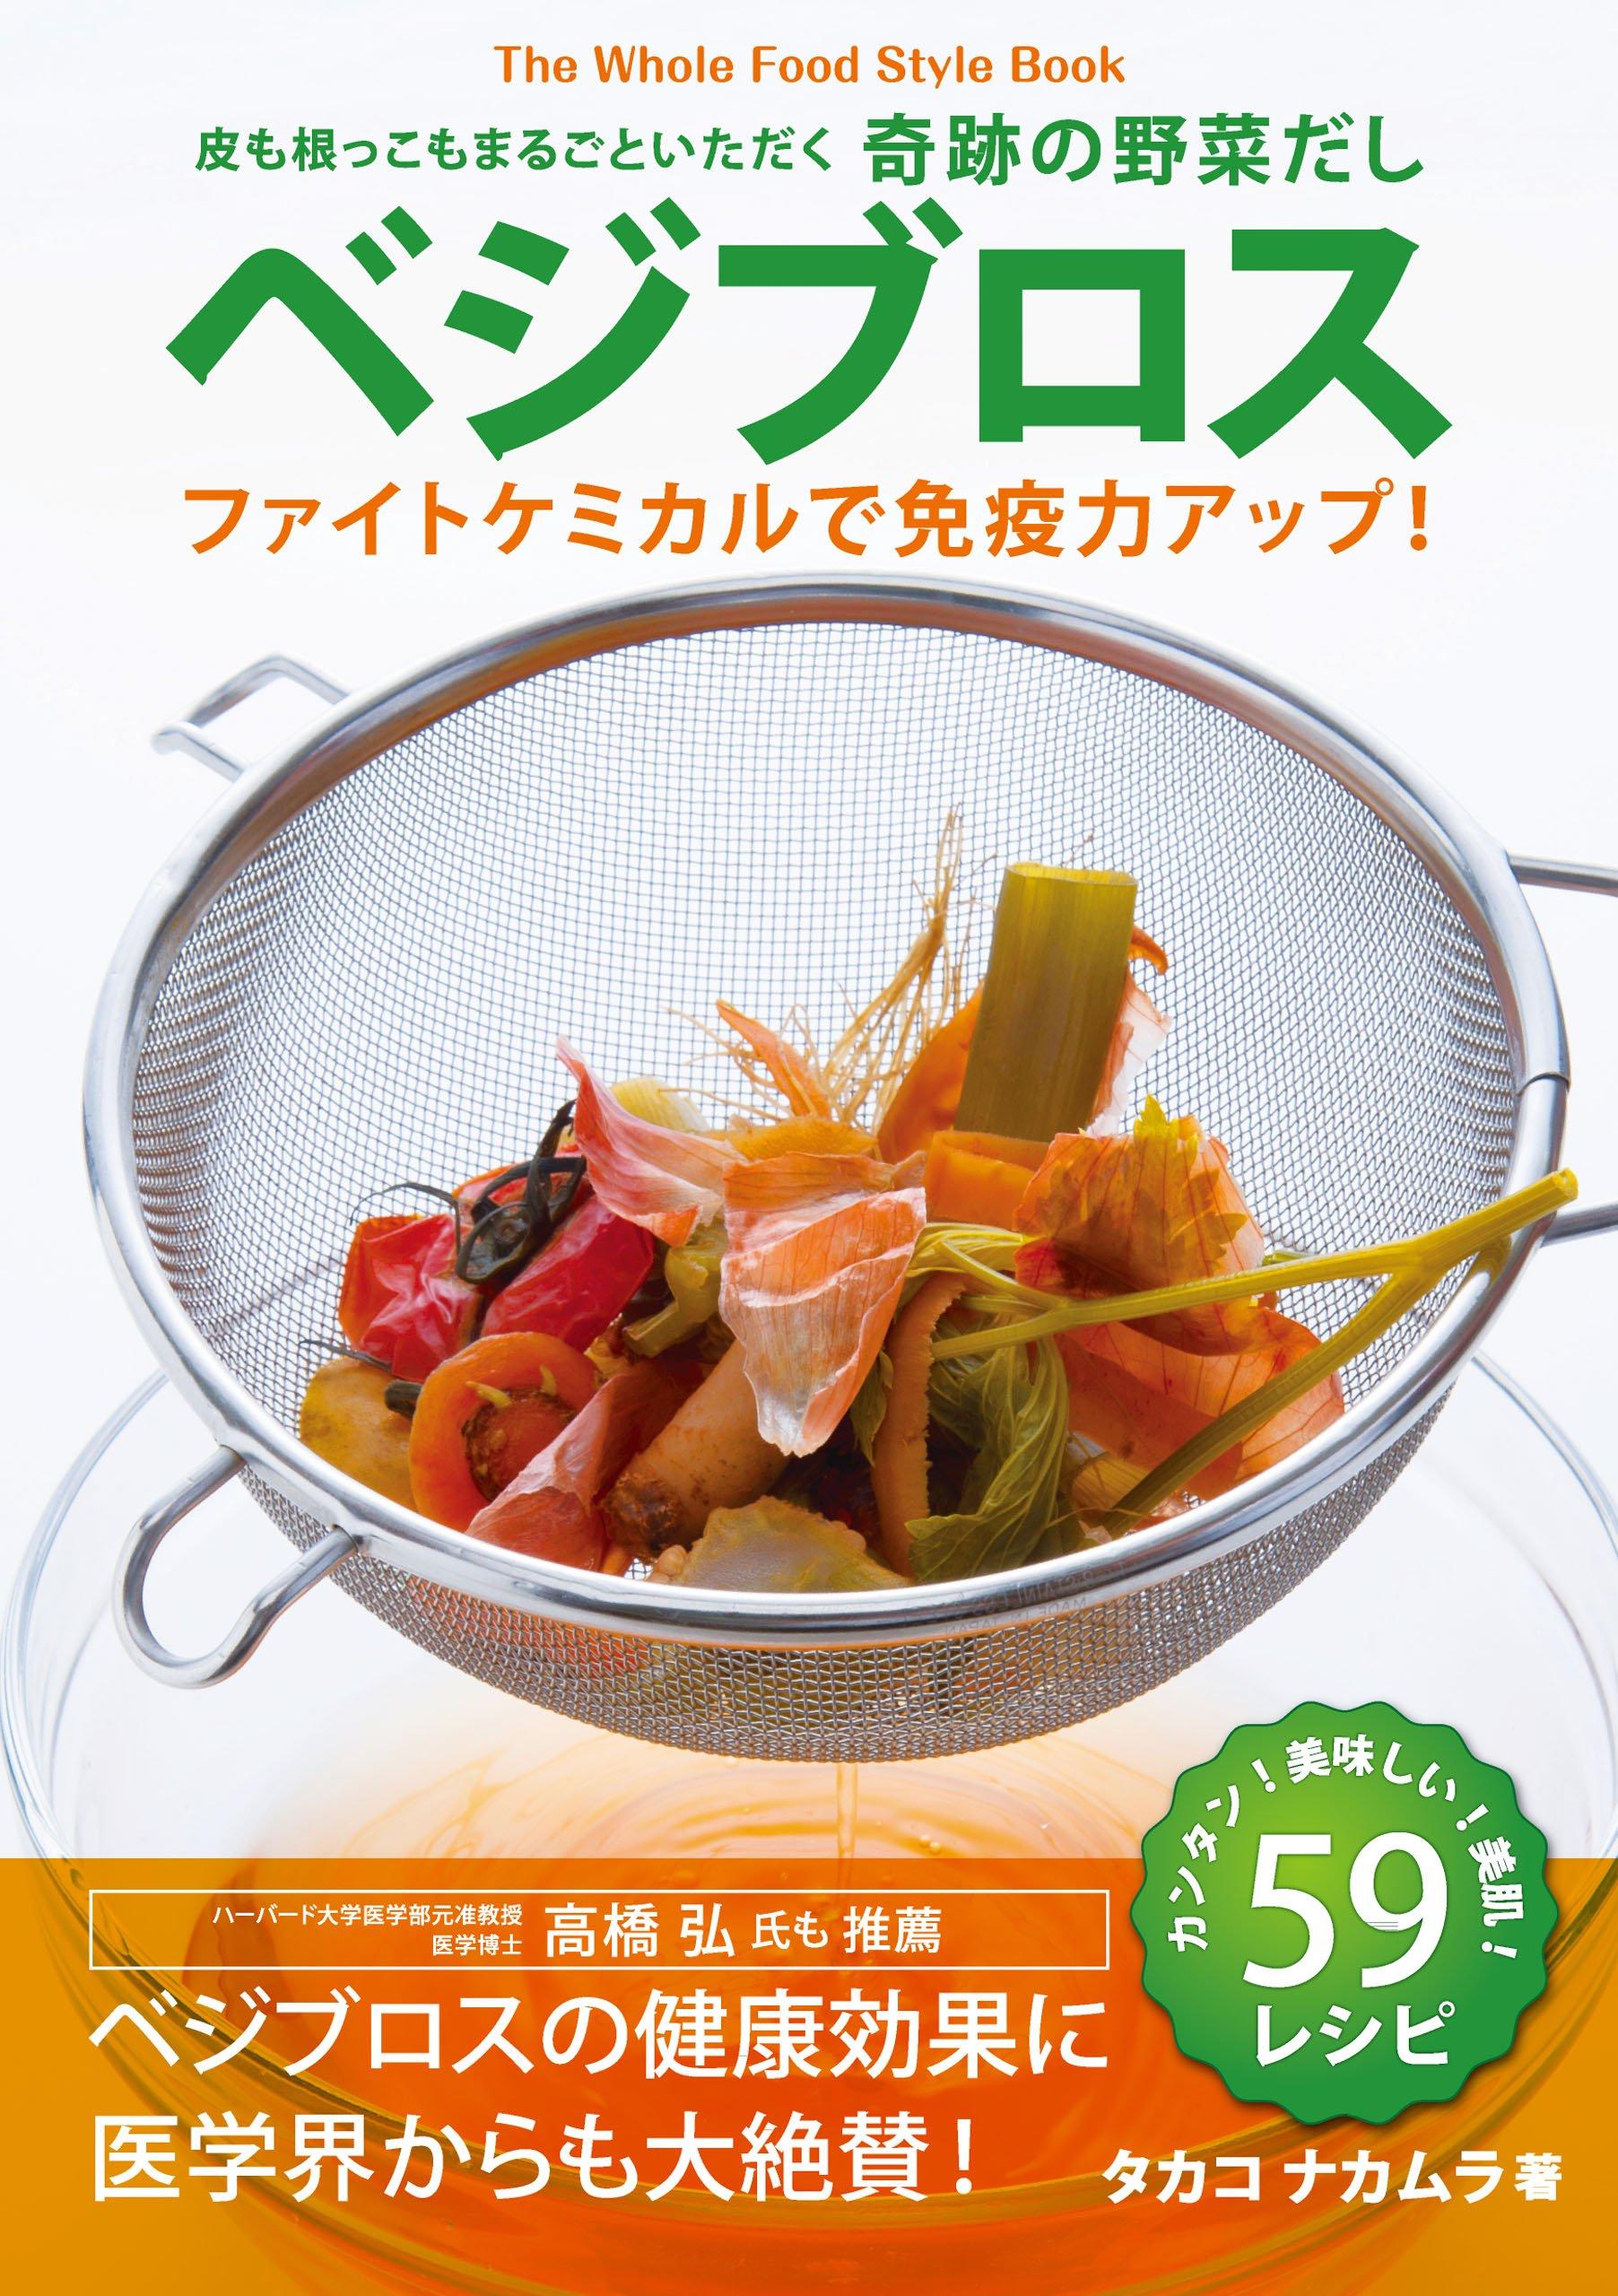 皮も根っこもまるごといただく奇跡の野菜だし ベジブロス――ファイトケミカルで免疫力アップ!